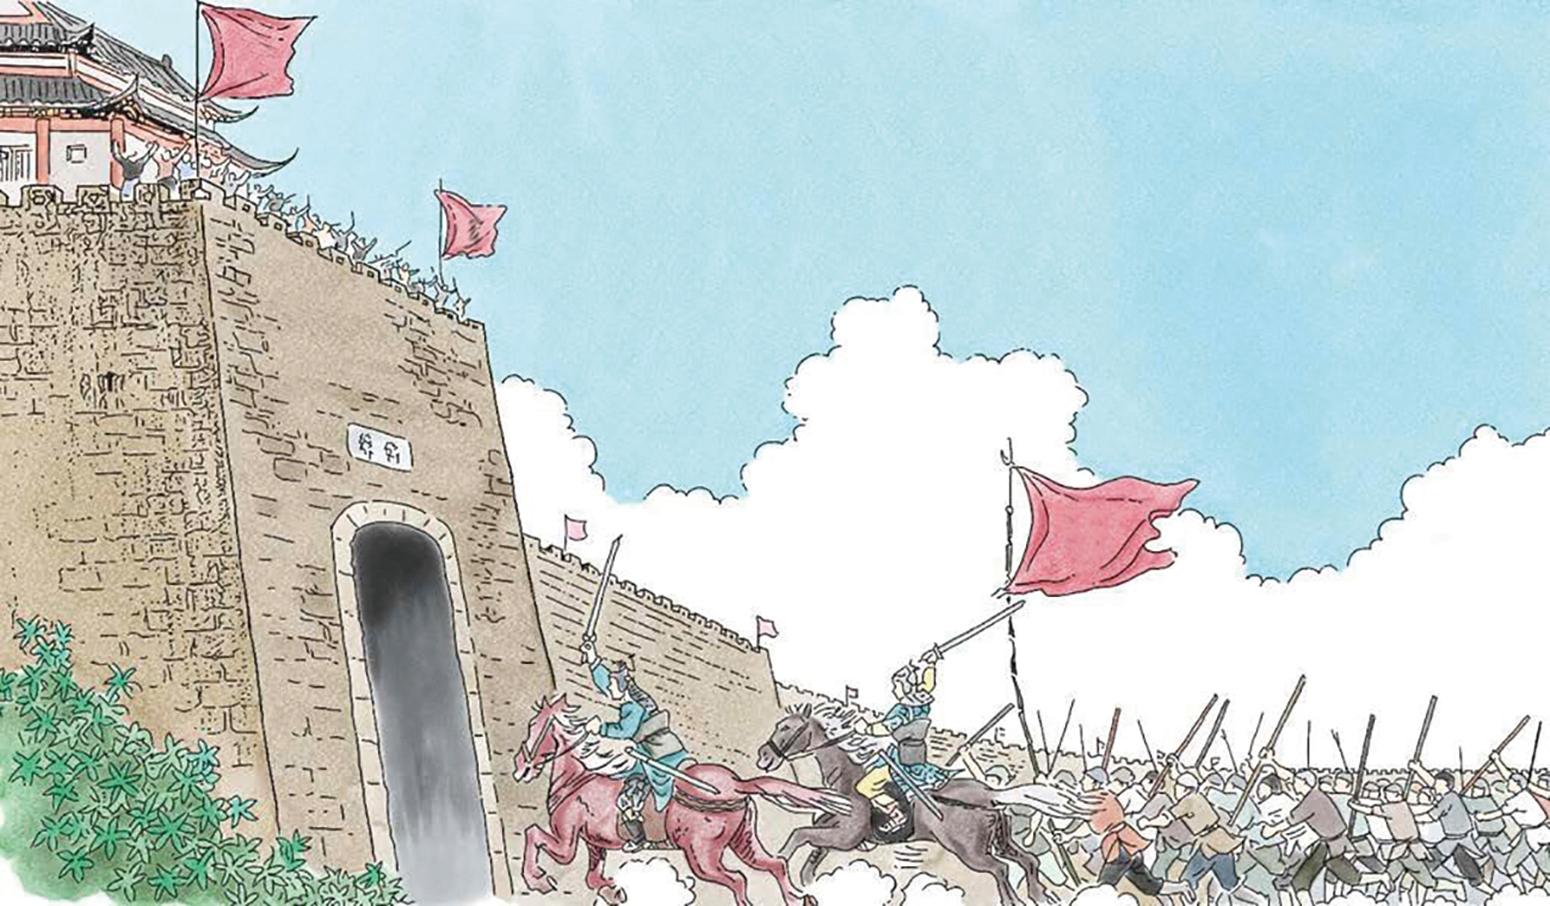 陳勝的部下呂臣等人率領的「蒼頭軍」,後來與項羽、劉邦等人的軍隊聯合反秦,終於在公元前206年,一起將秦朝消滅。(新唐人)